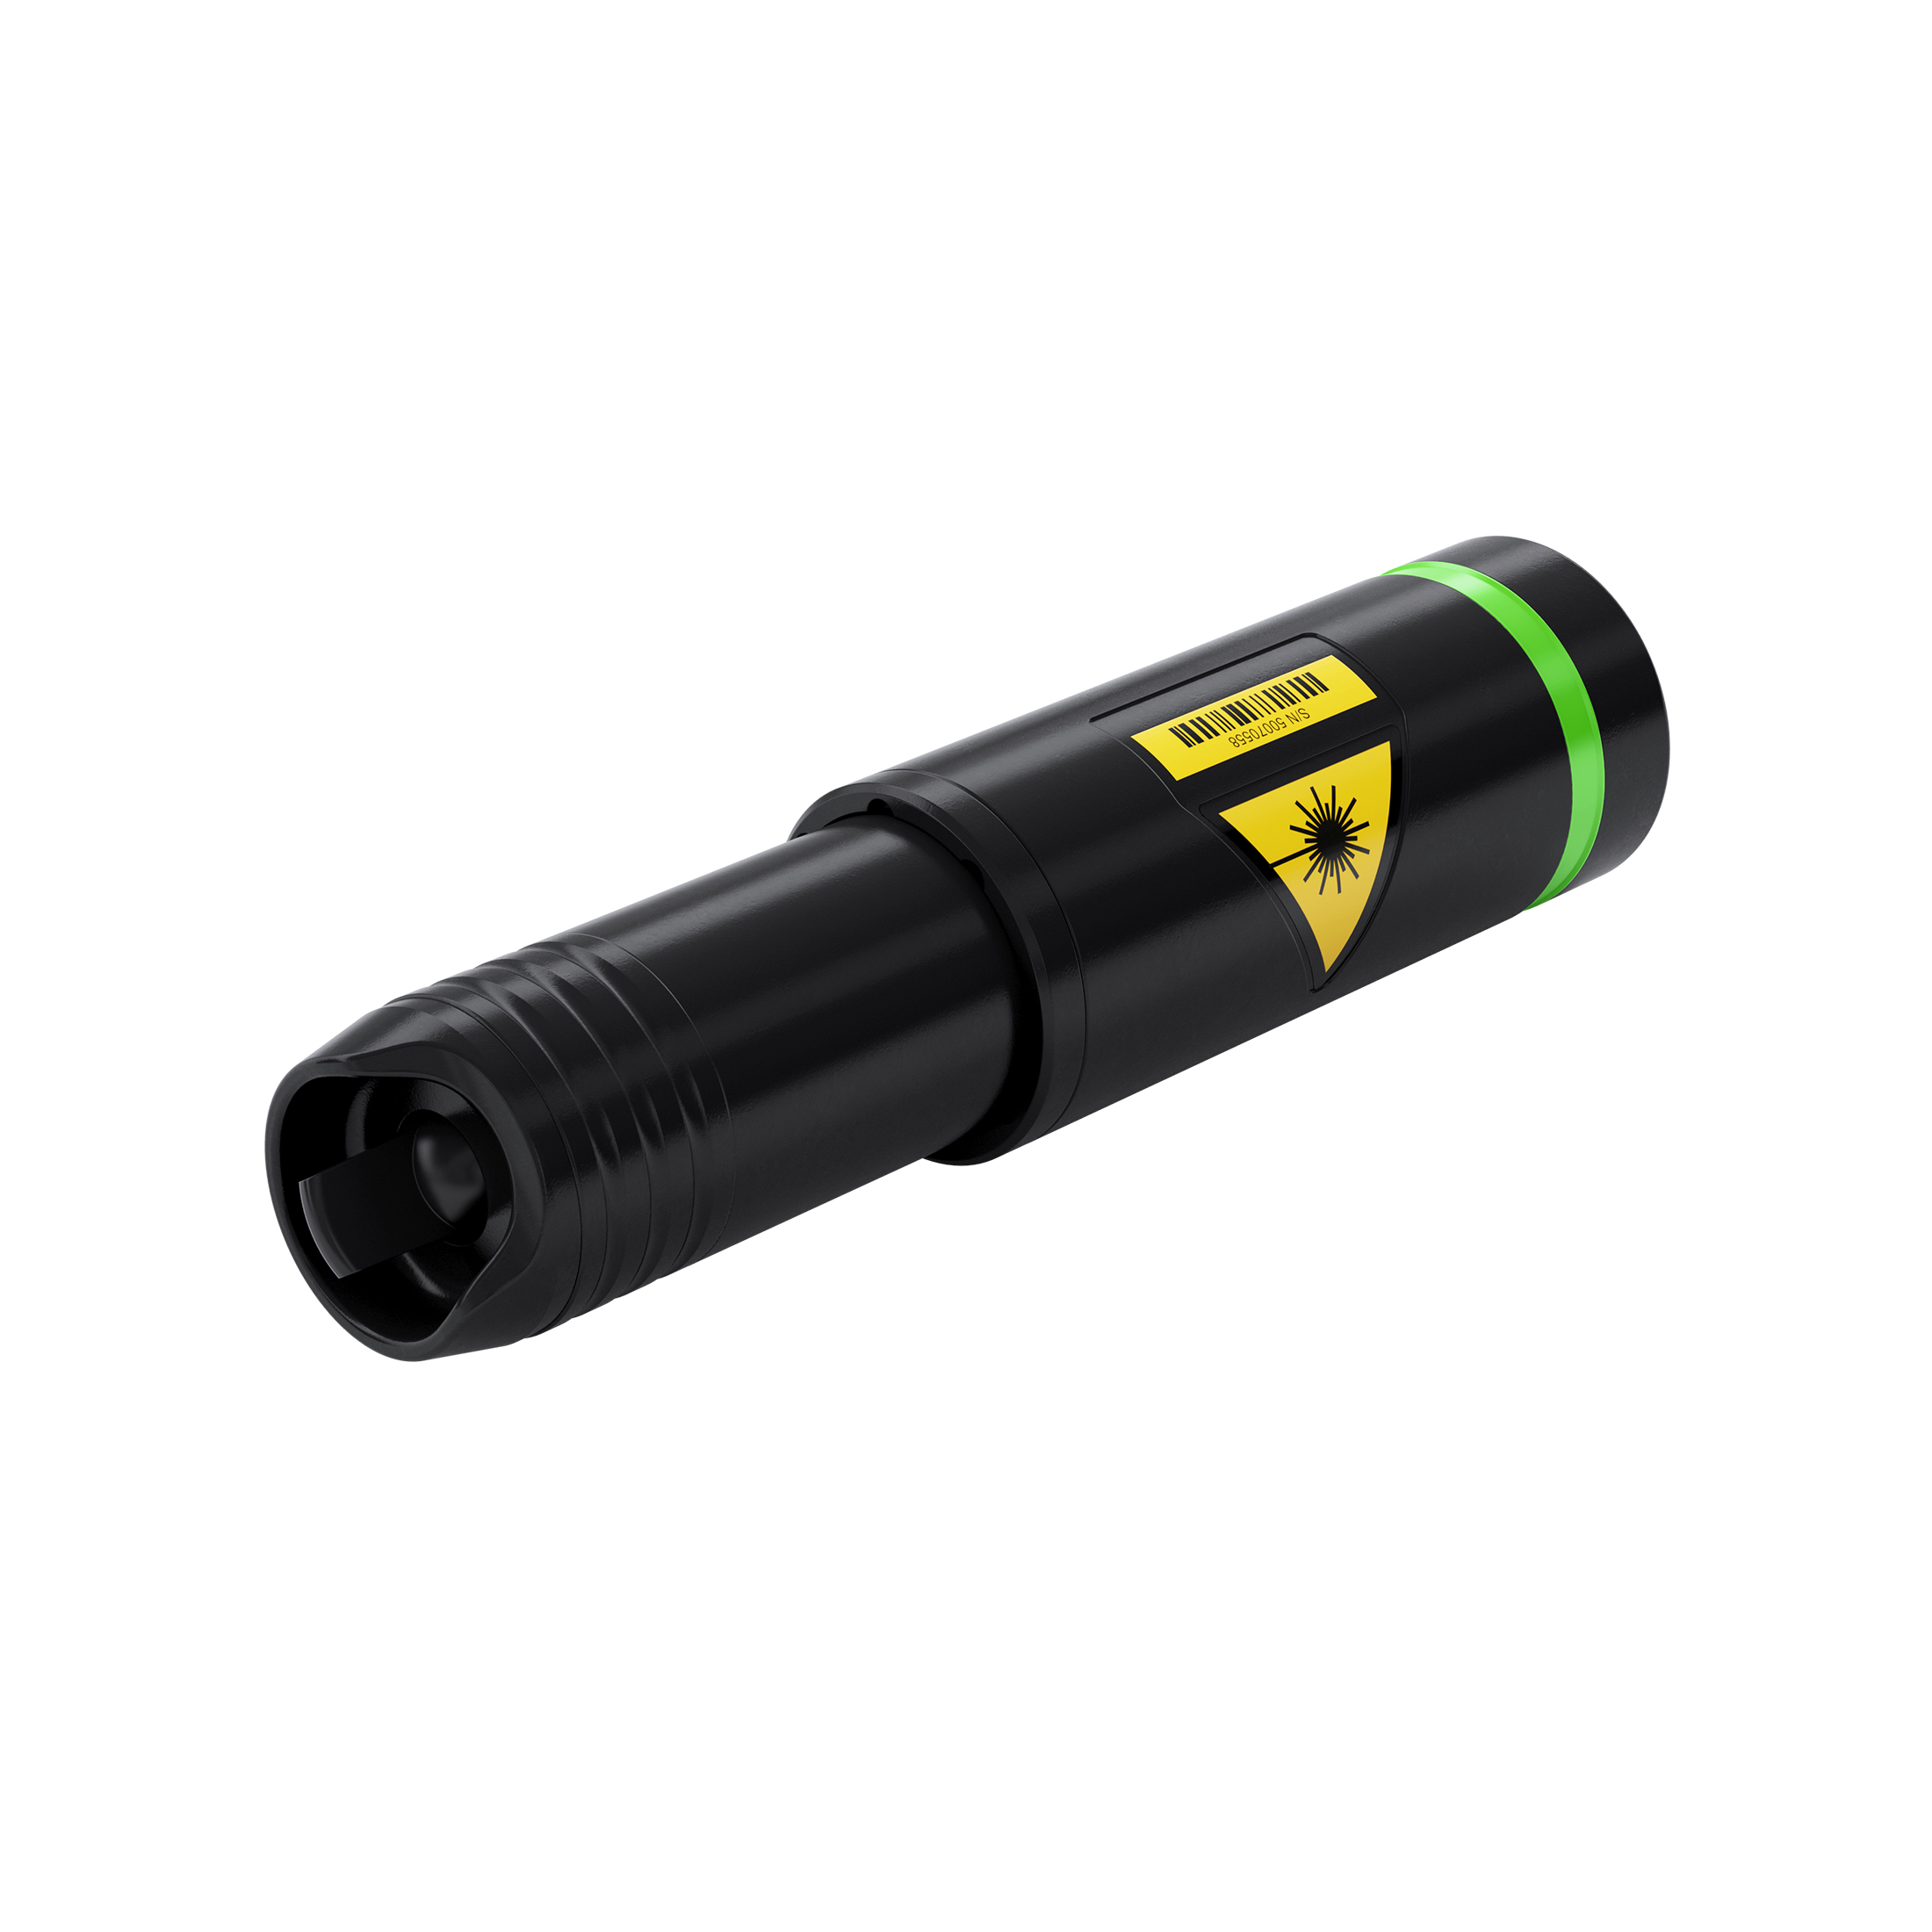 Laserluchs LA980-50-PRO-II